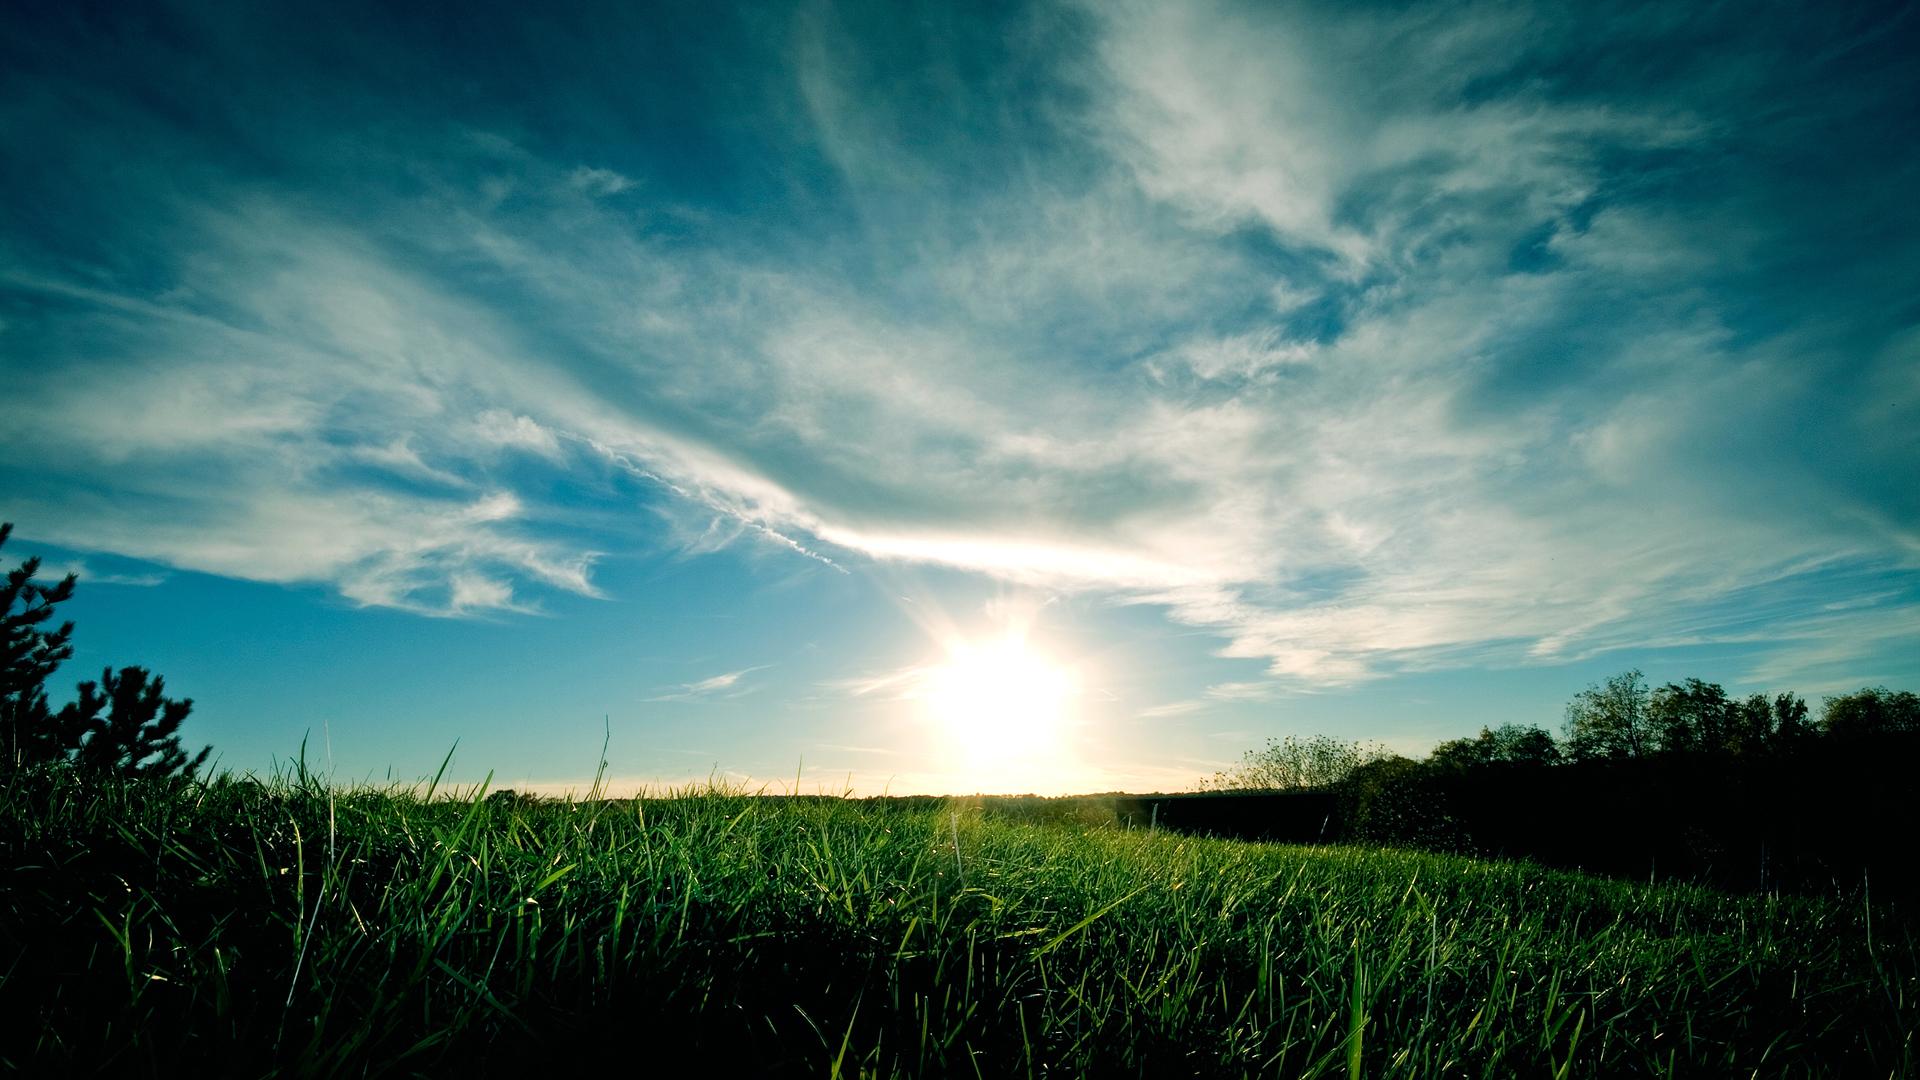 10731 скачать обои Пейзаж, Трава, Небо - заставки и картинки бесплатно